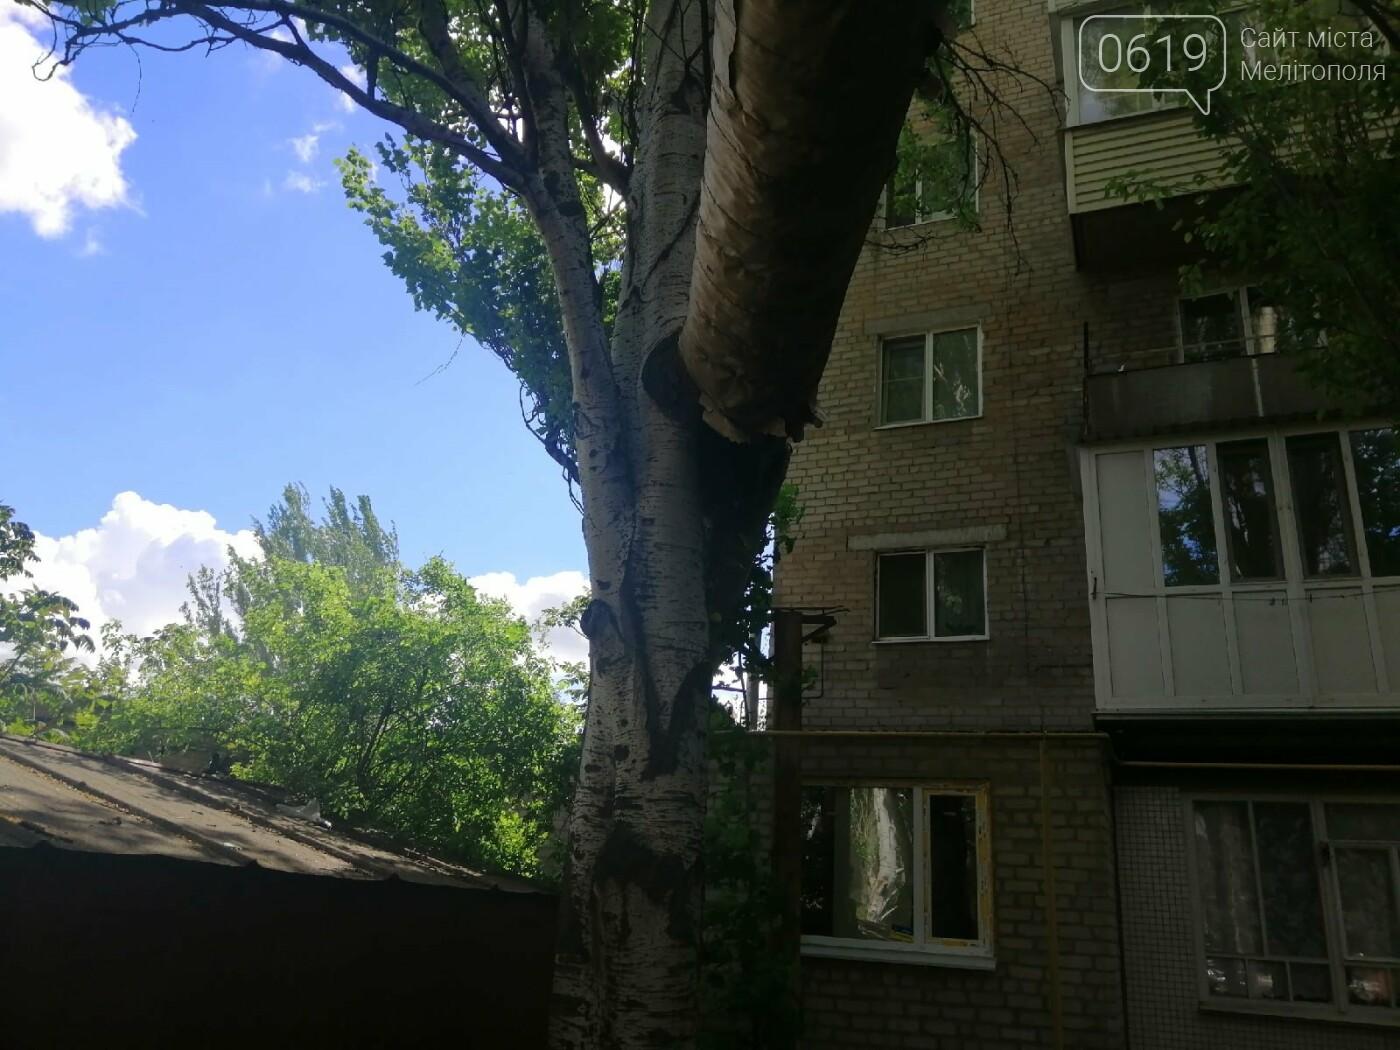 """Дерево """"вросло"""" в трубу теплосети: мелитопольцы обеспокоены последствиями, фото-3"""